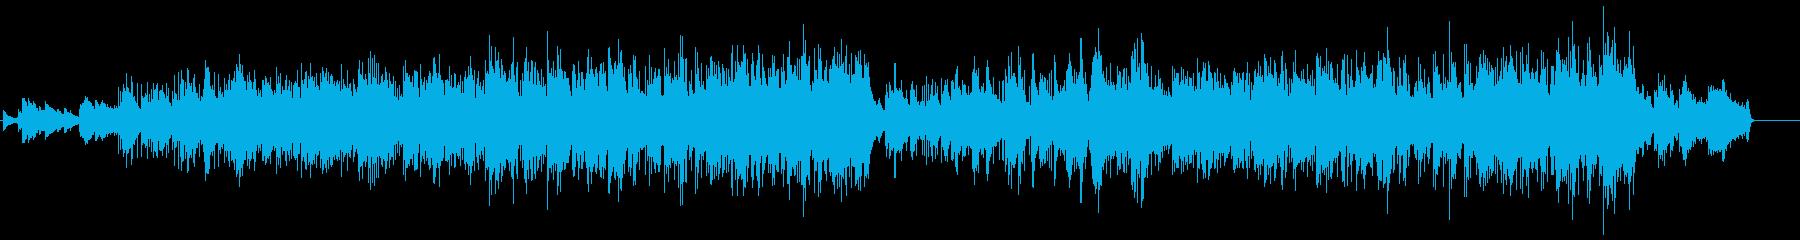 正統派でドリーミーなジャズフュージョンの再生済みの波形